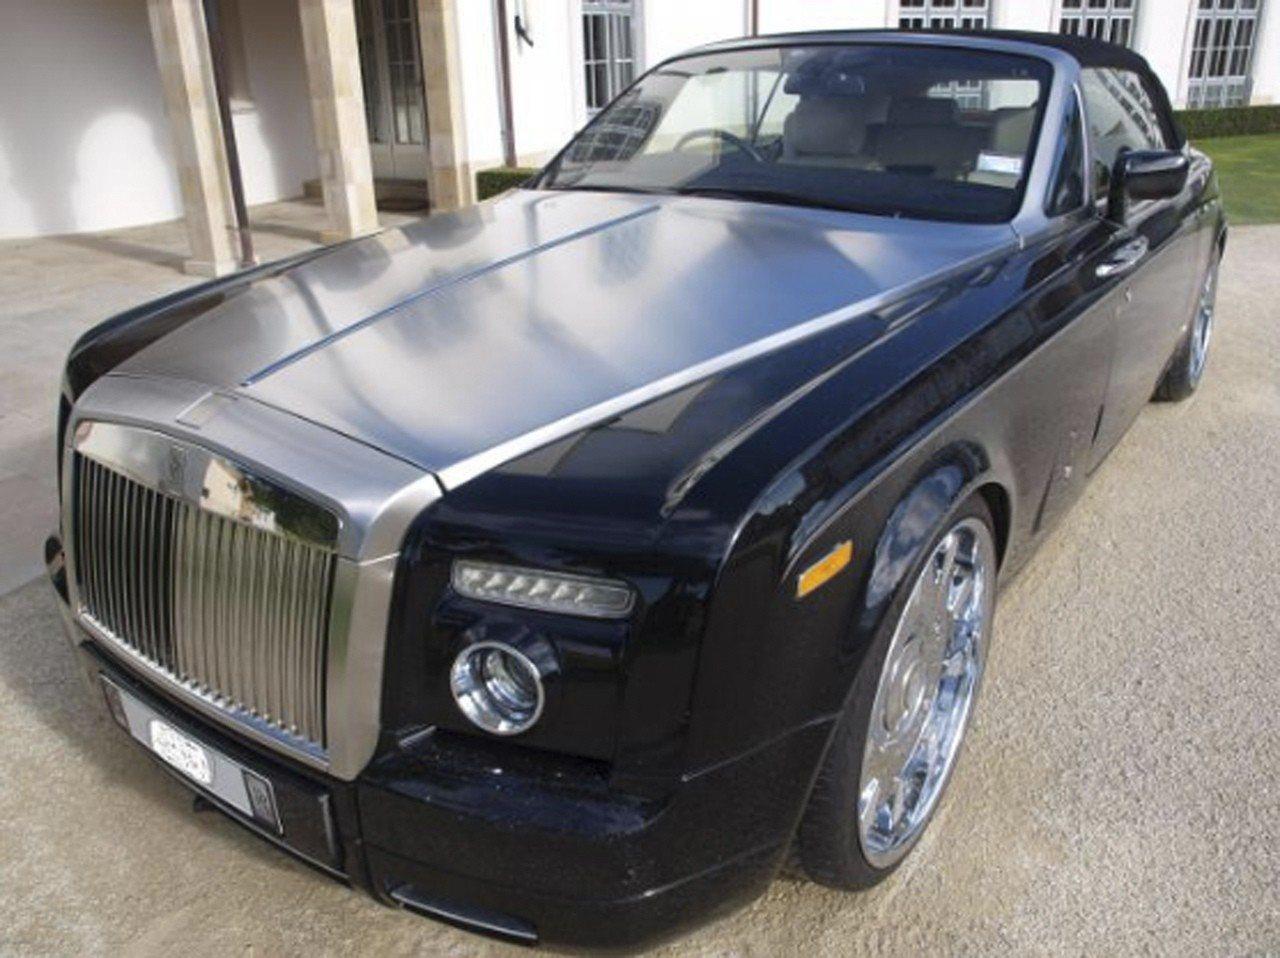 勞斯萊斯幻影豪華轎車。 (路透)